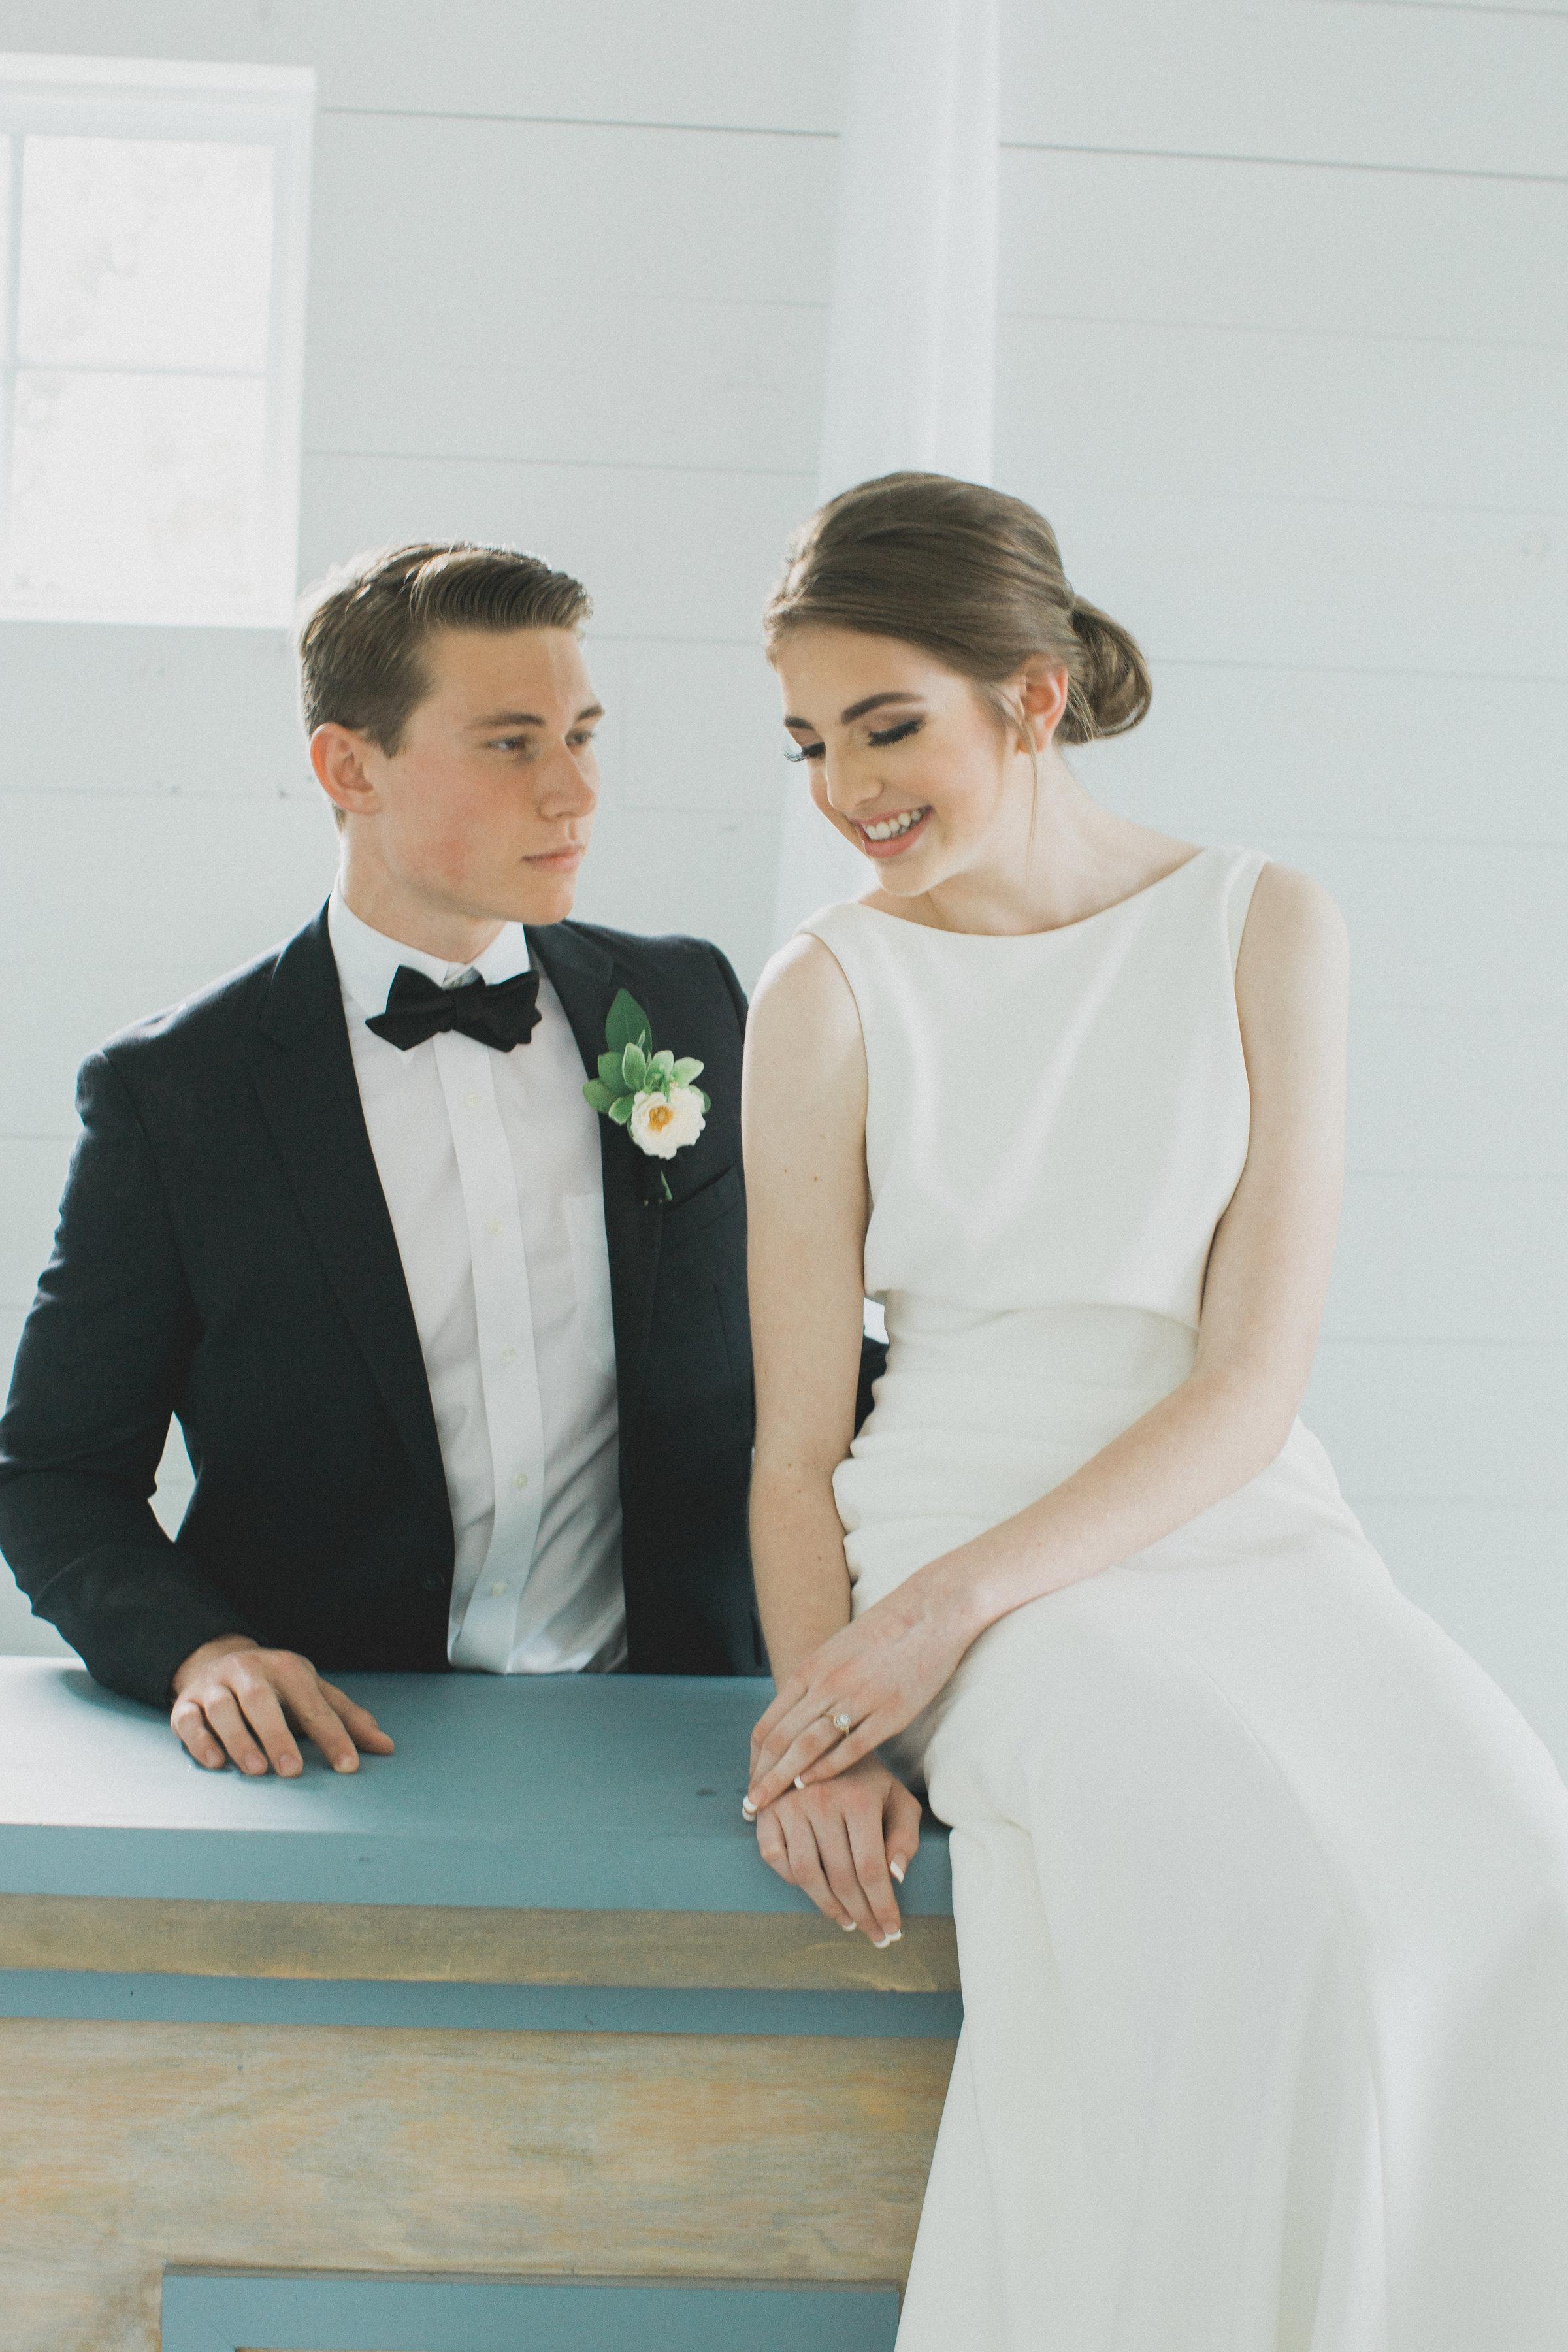 Custom Wedding Bar Design | Southern Summer White Barn Wedding in Dallas, TX